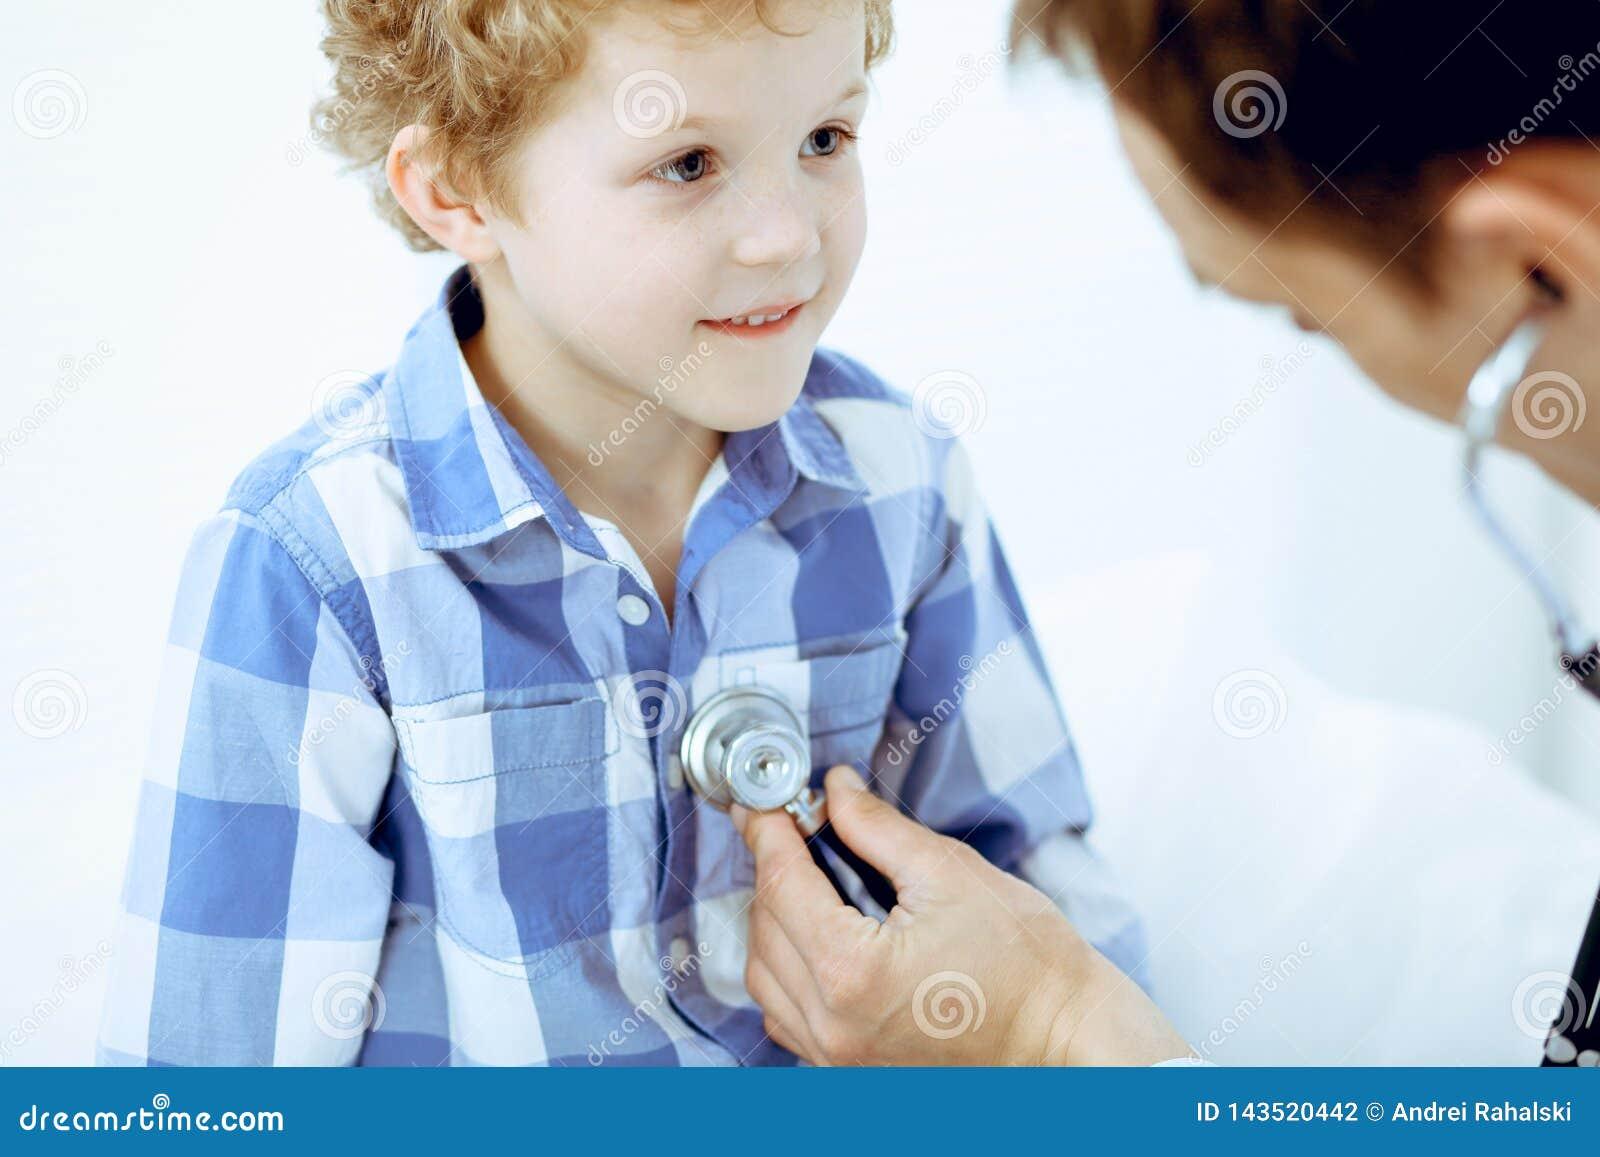 Docteur et enfant patient Médecin examinant peu de garçon Visite médicale régulière dans la clinique Médecine et soins de santé